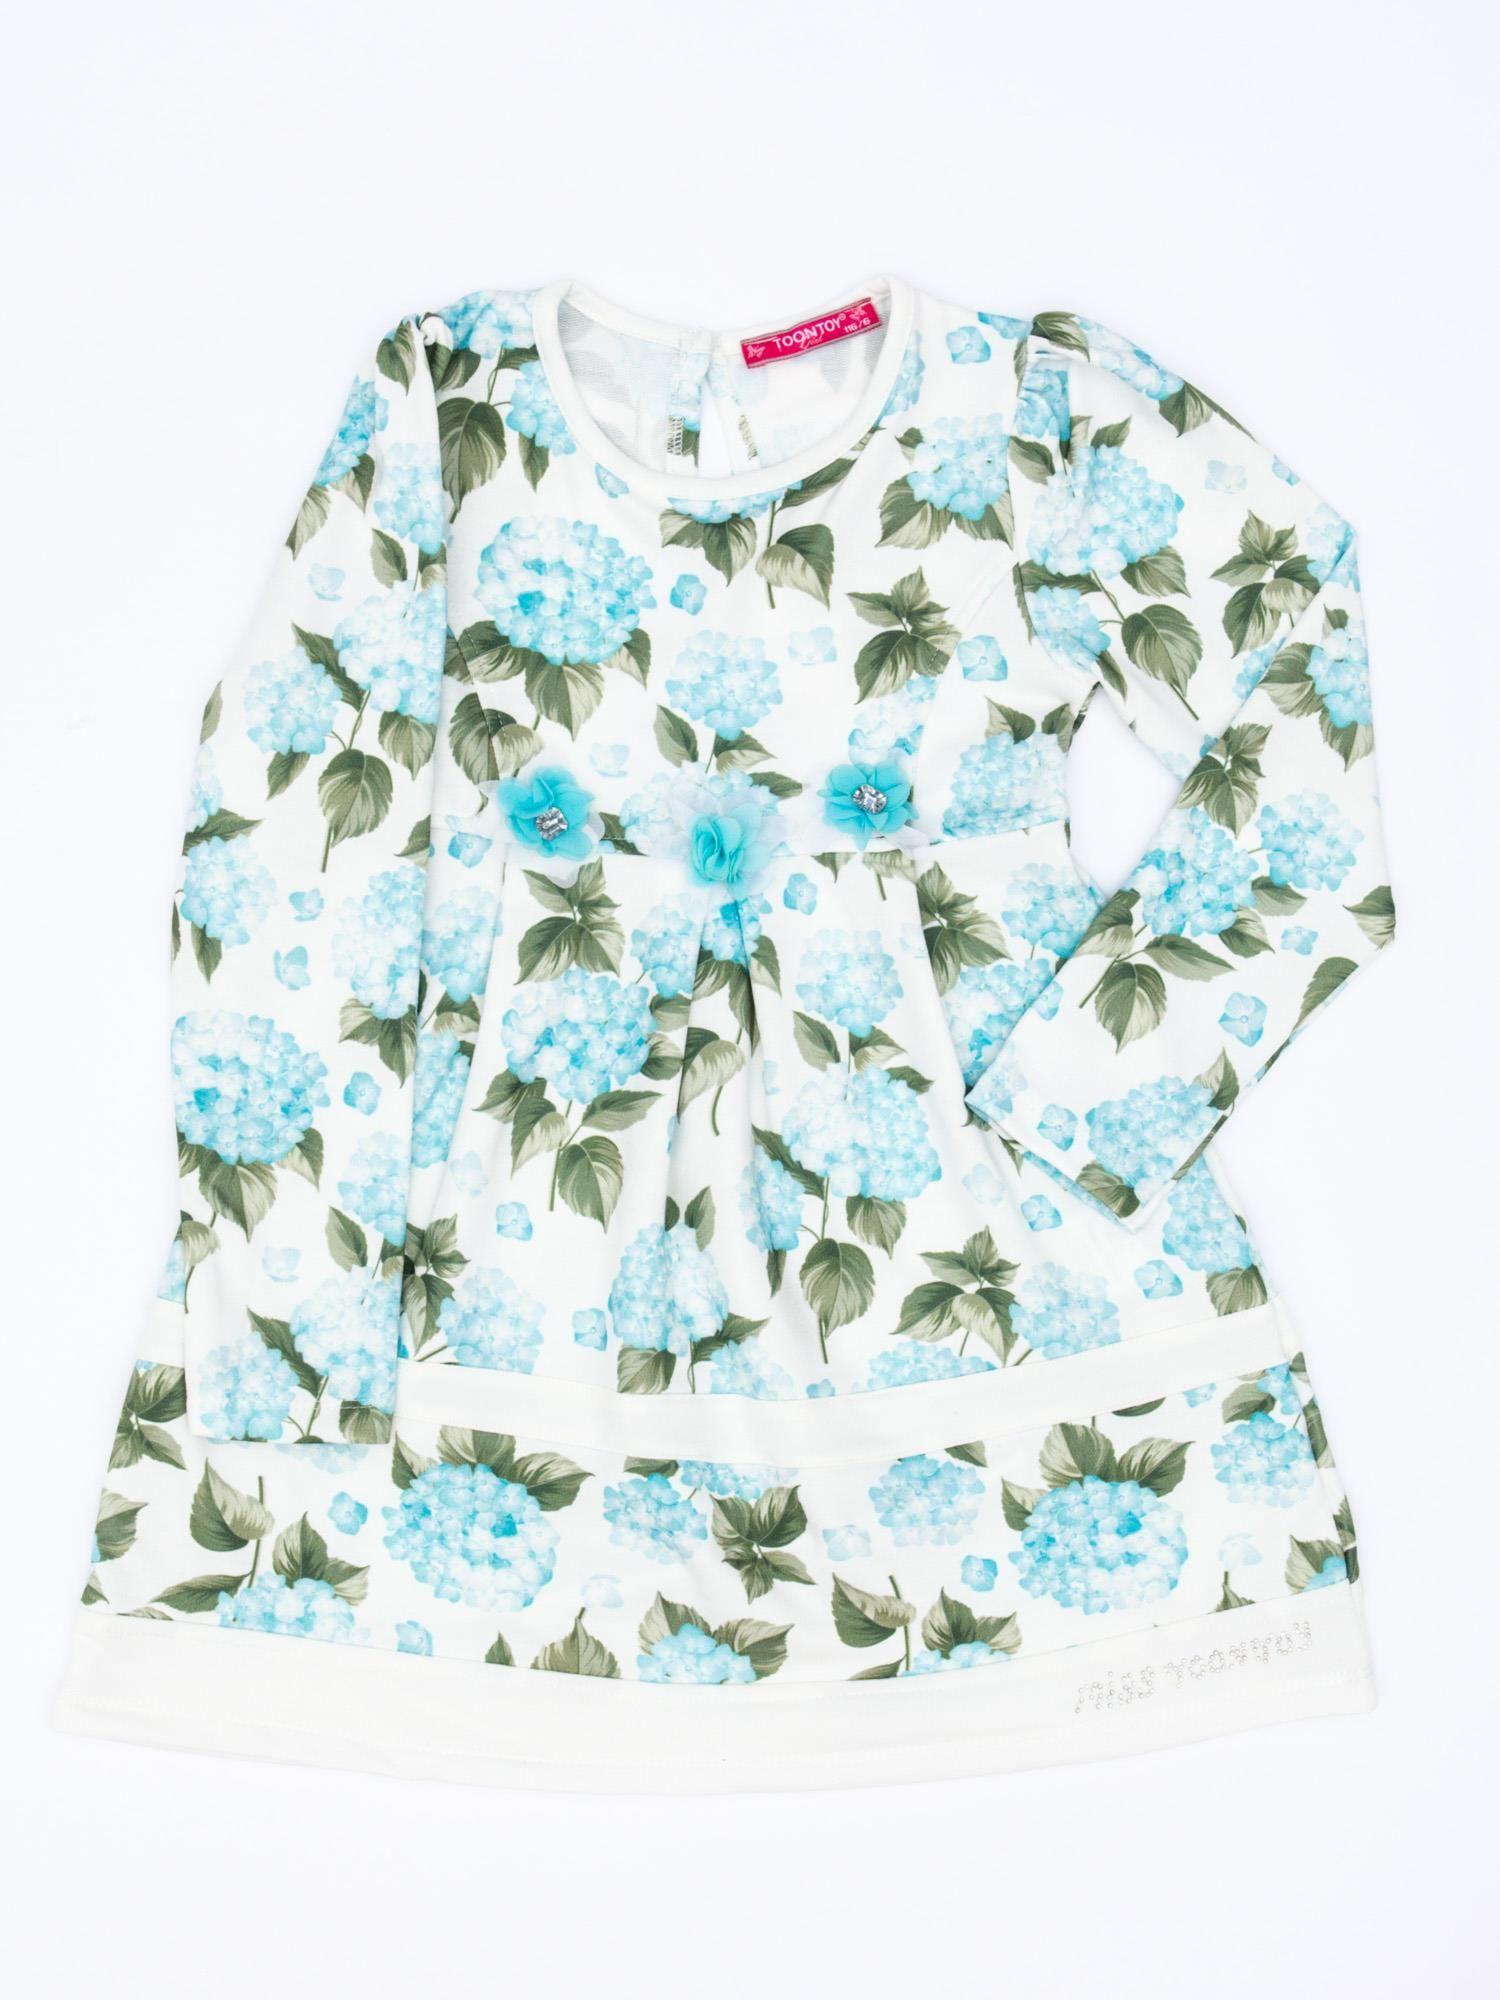 2ca18b75882b11 Turkusowa sukienka dla dziewczynki w kwiaty z tiulową aplikacją ...